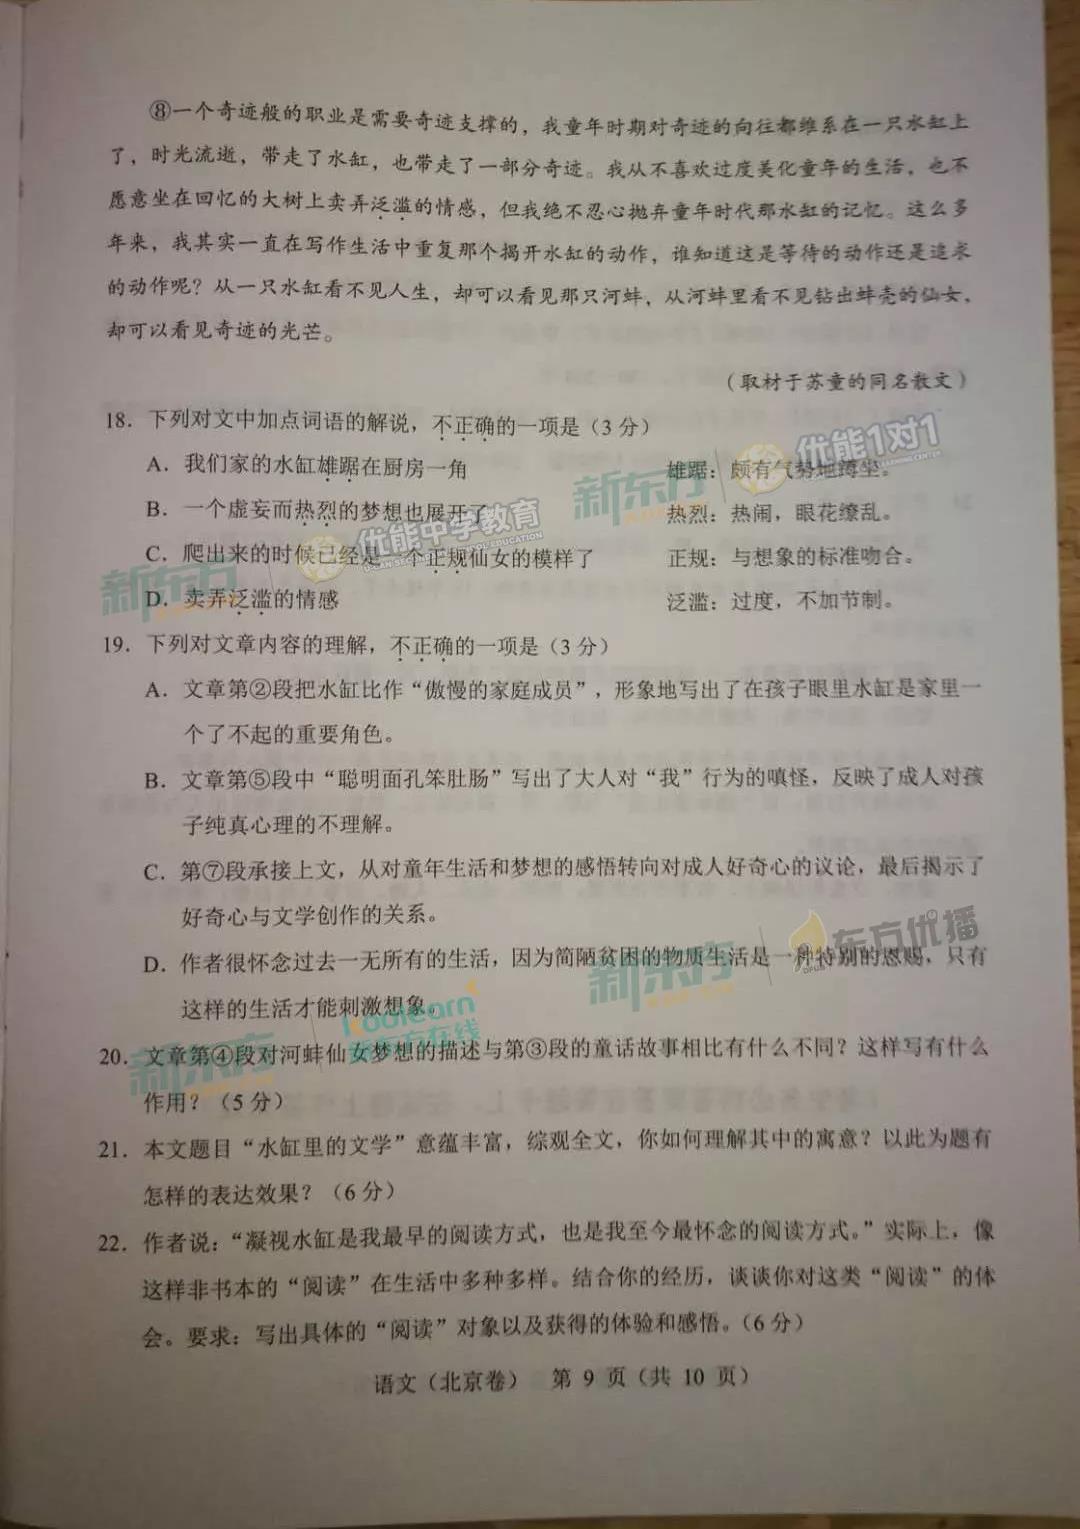 2018北京高考语文试卷 (新东方版)